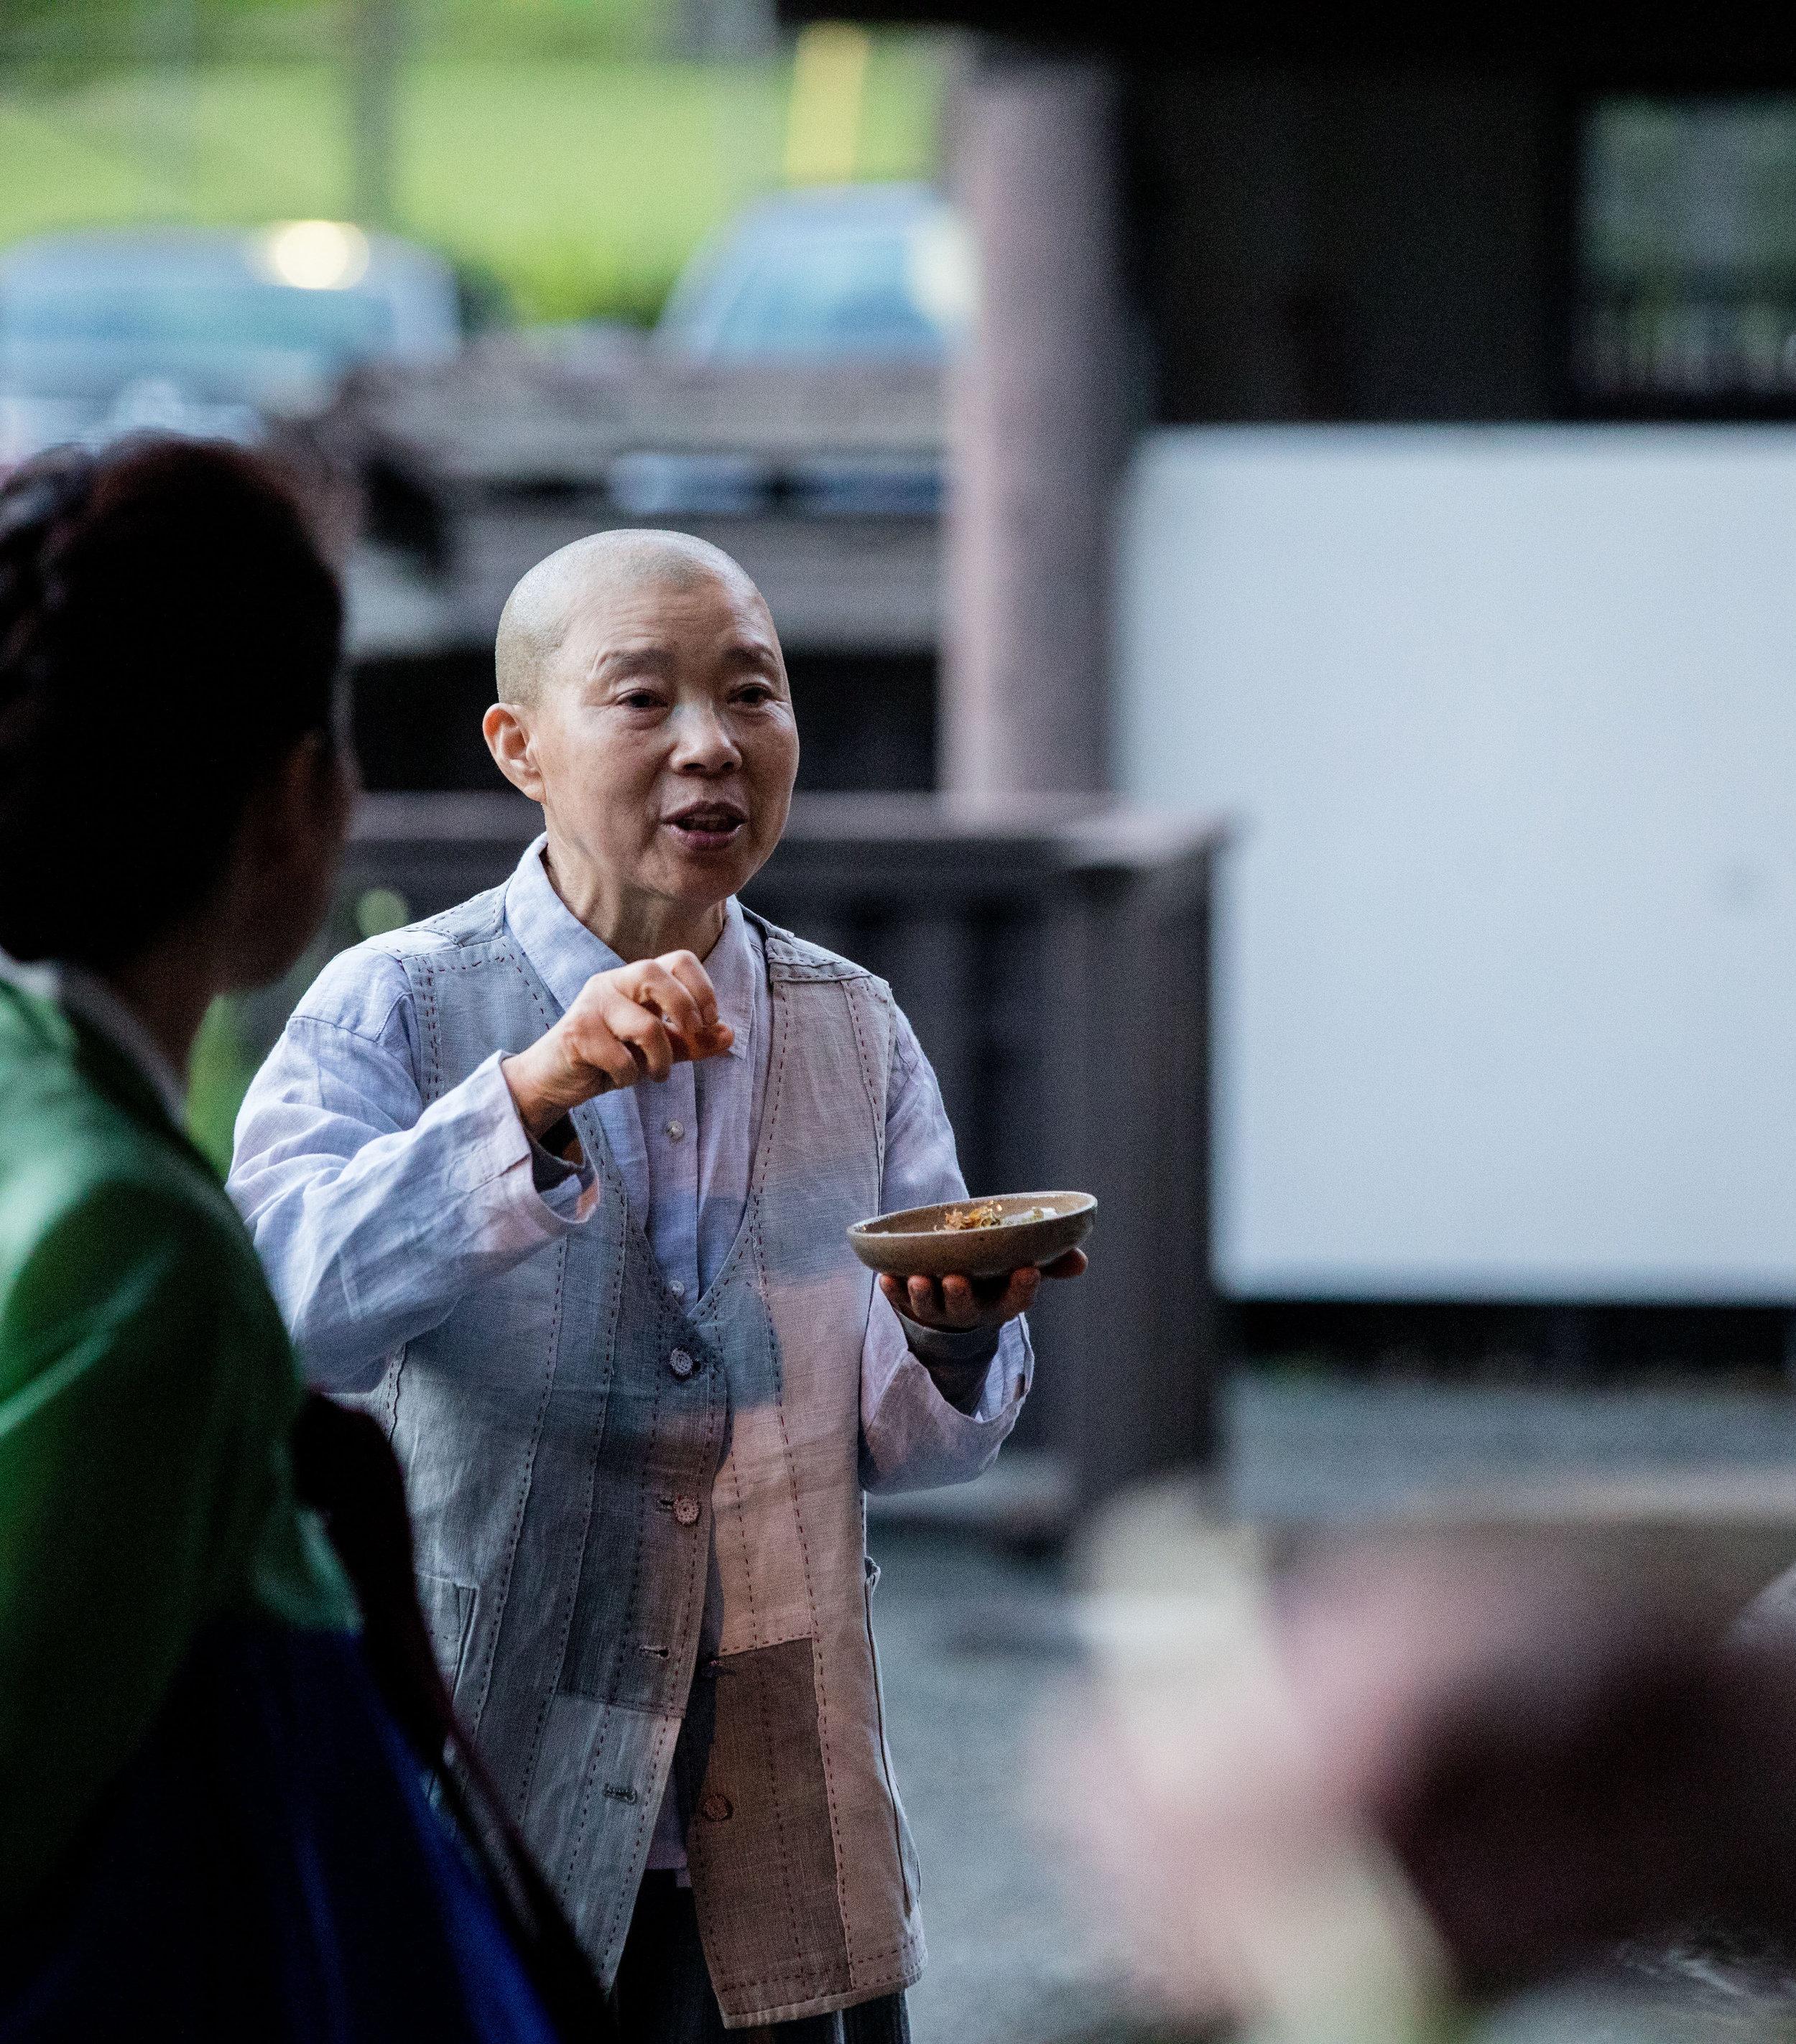 Jeong Kwan Sunim explains a dish served at Daihonzan Chozen-ji.